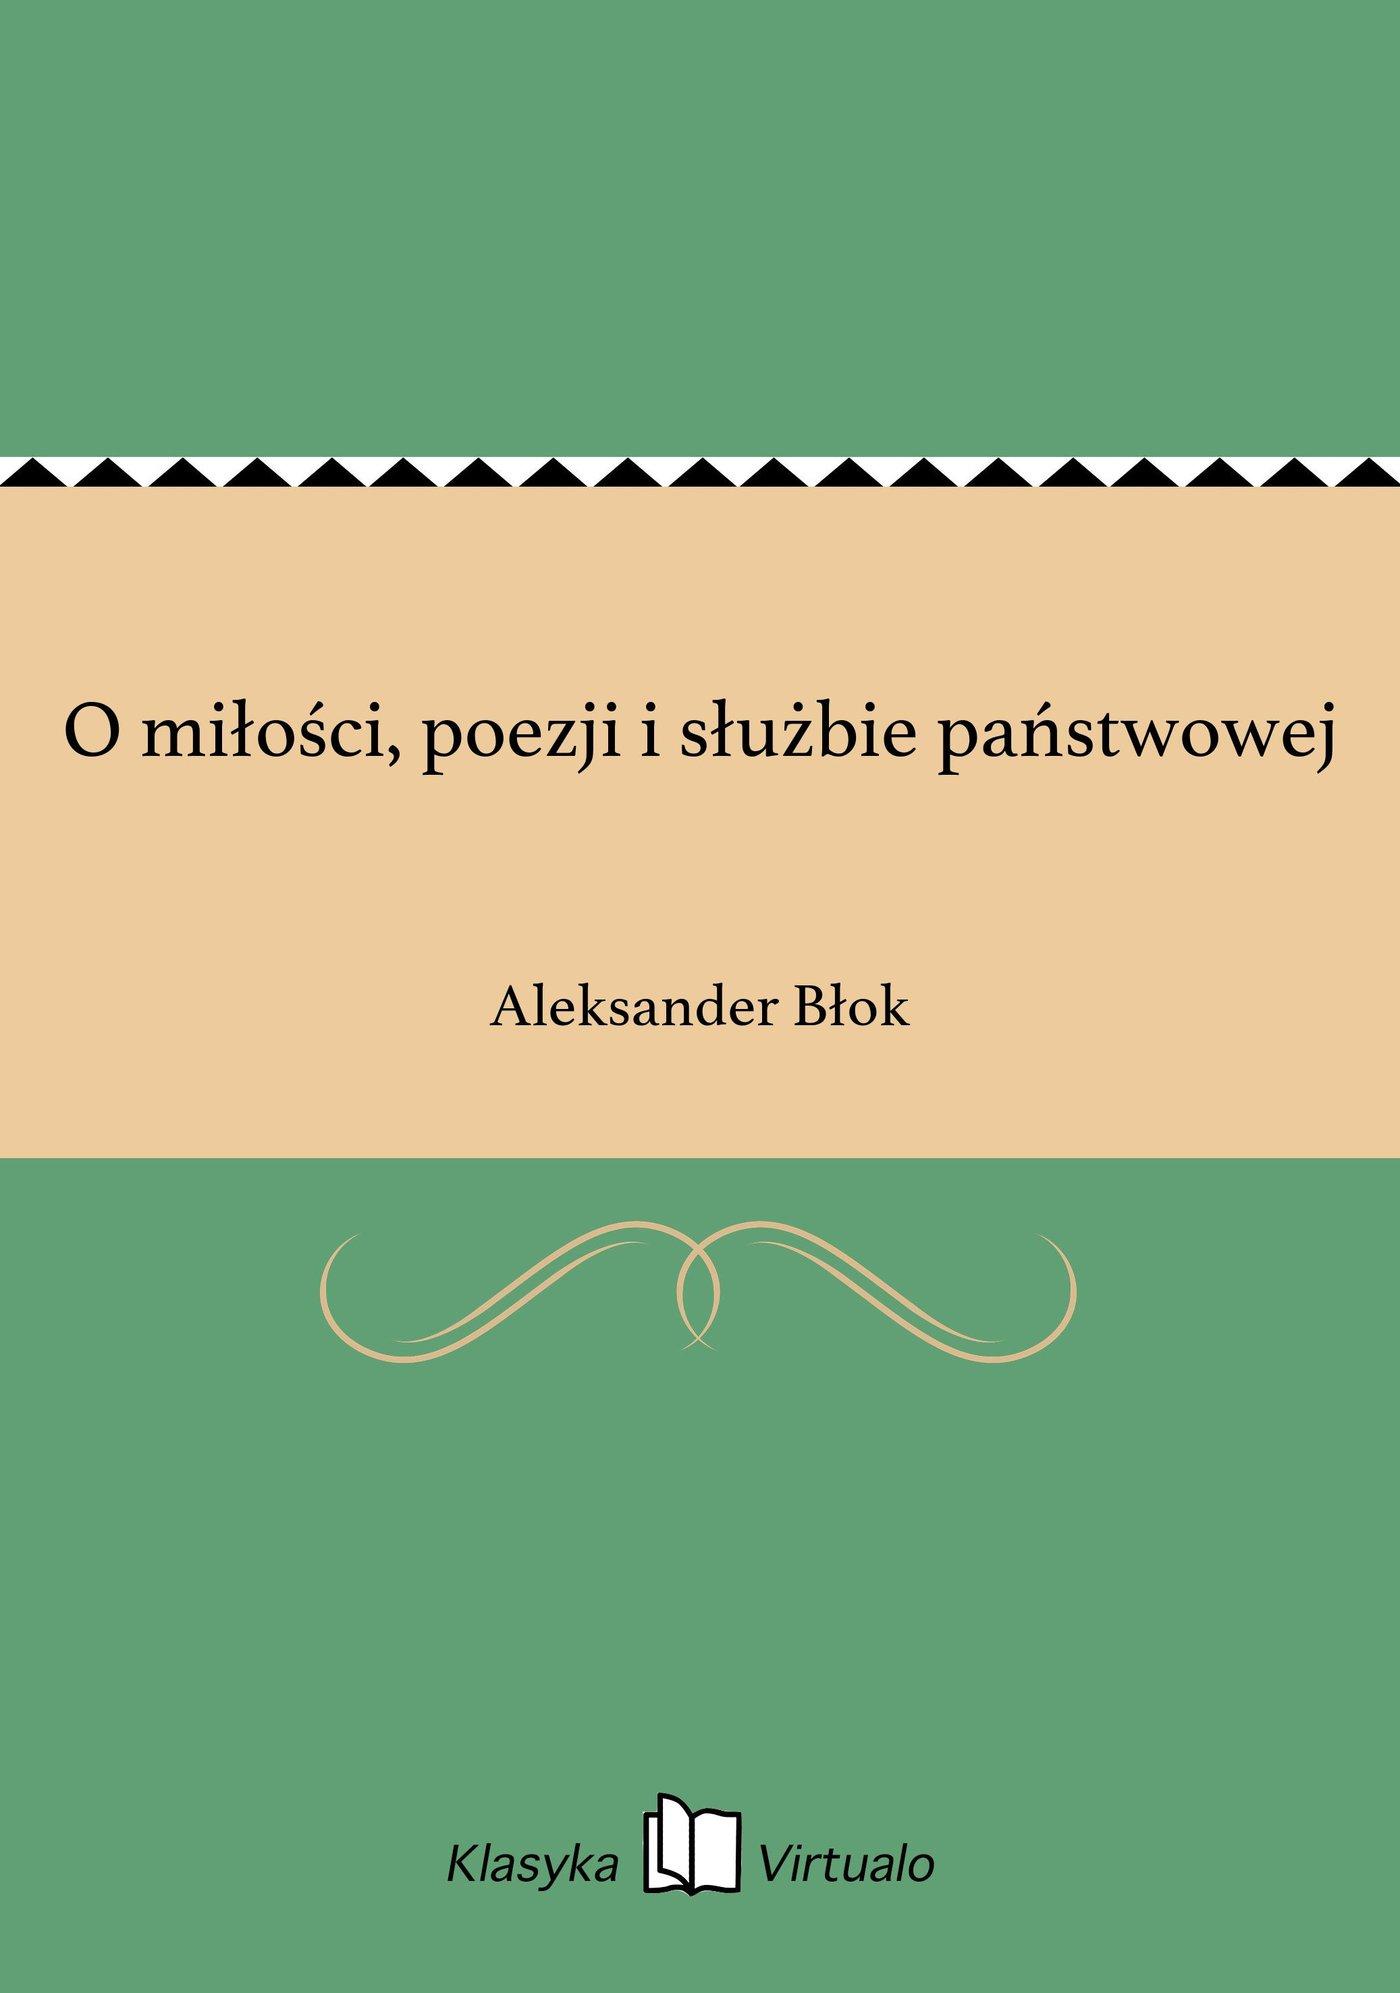 O miłości, poezji i służbie państwowej - Ebook (Książka EPUB) do pobrania w formacie EPUB